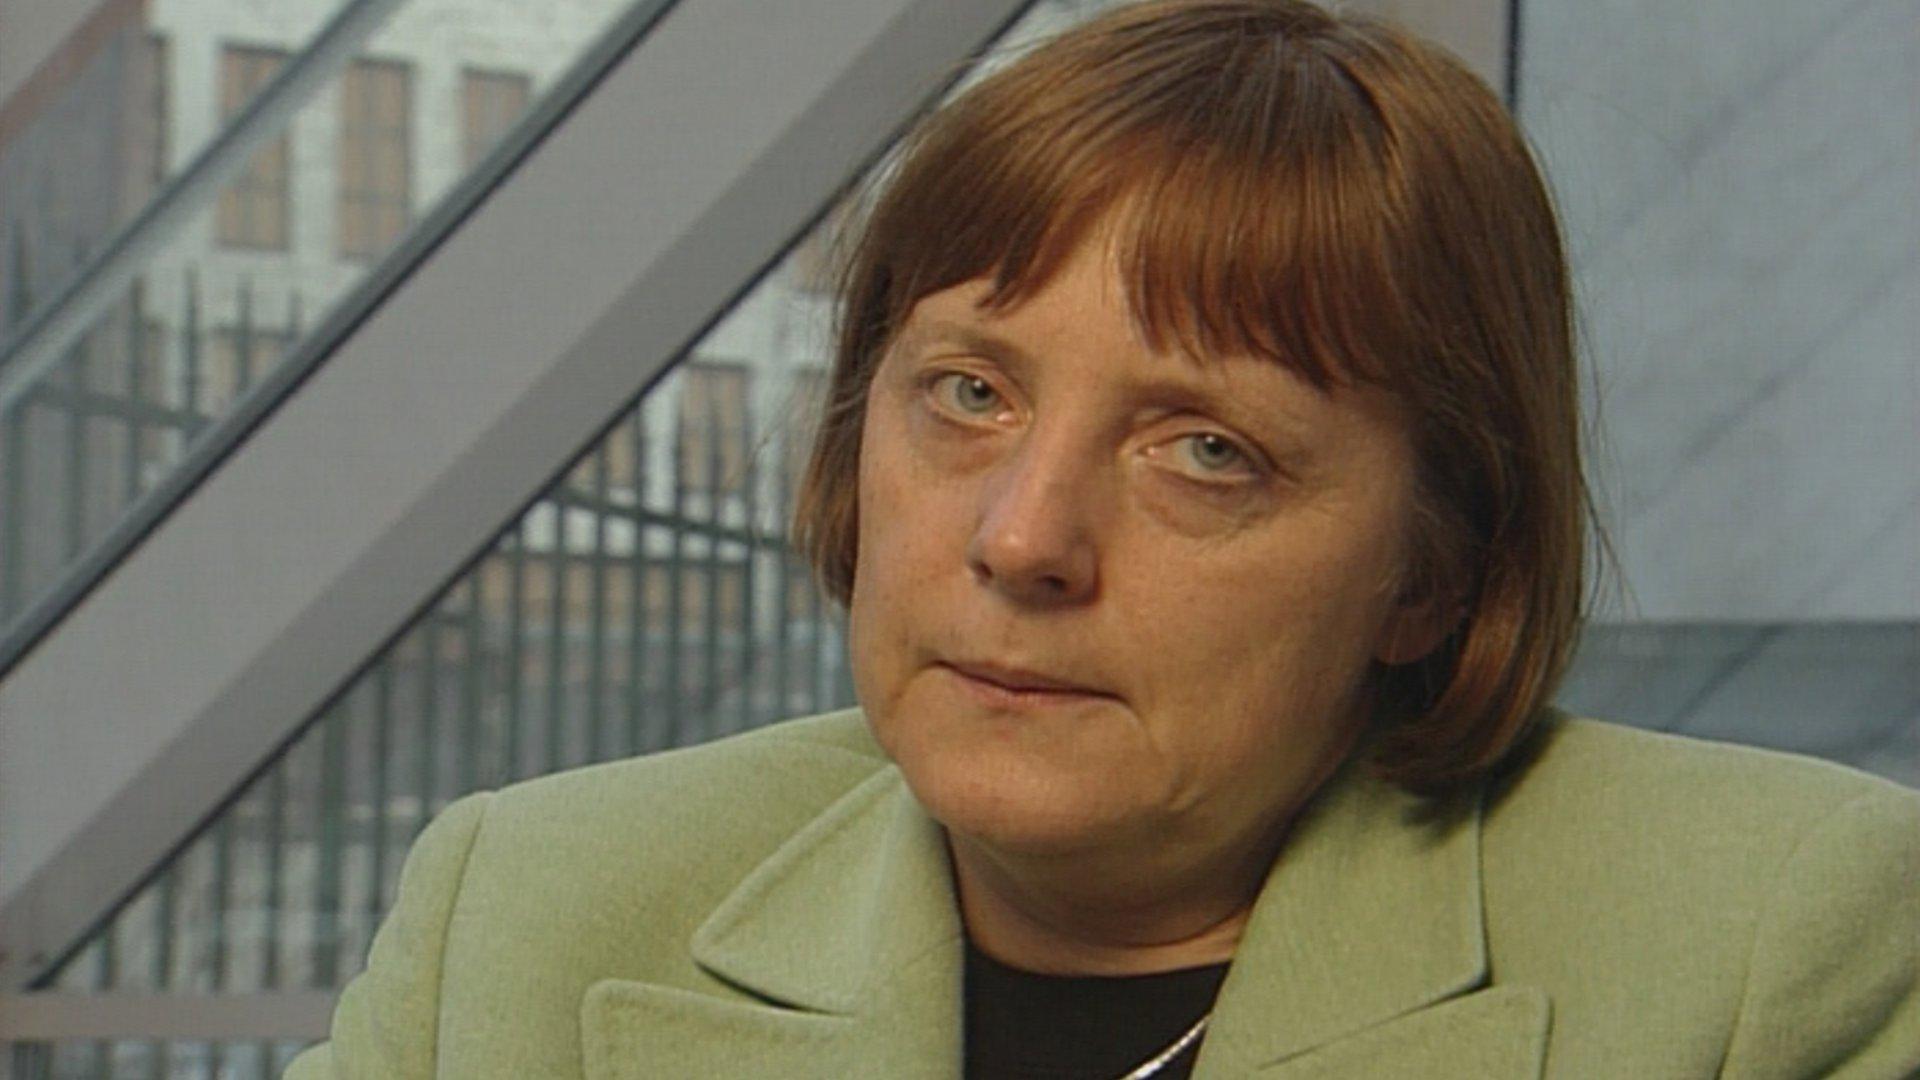 Vor 17 Jahren: Merkel auf dem Weg zur Macht